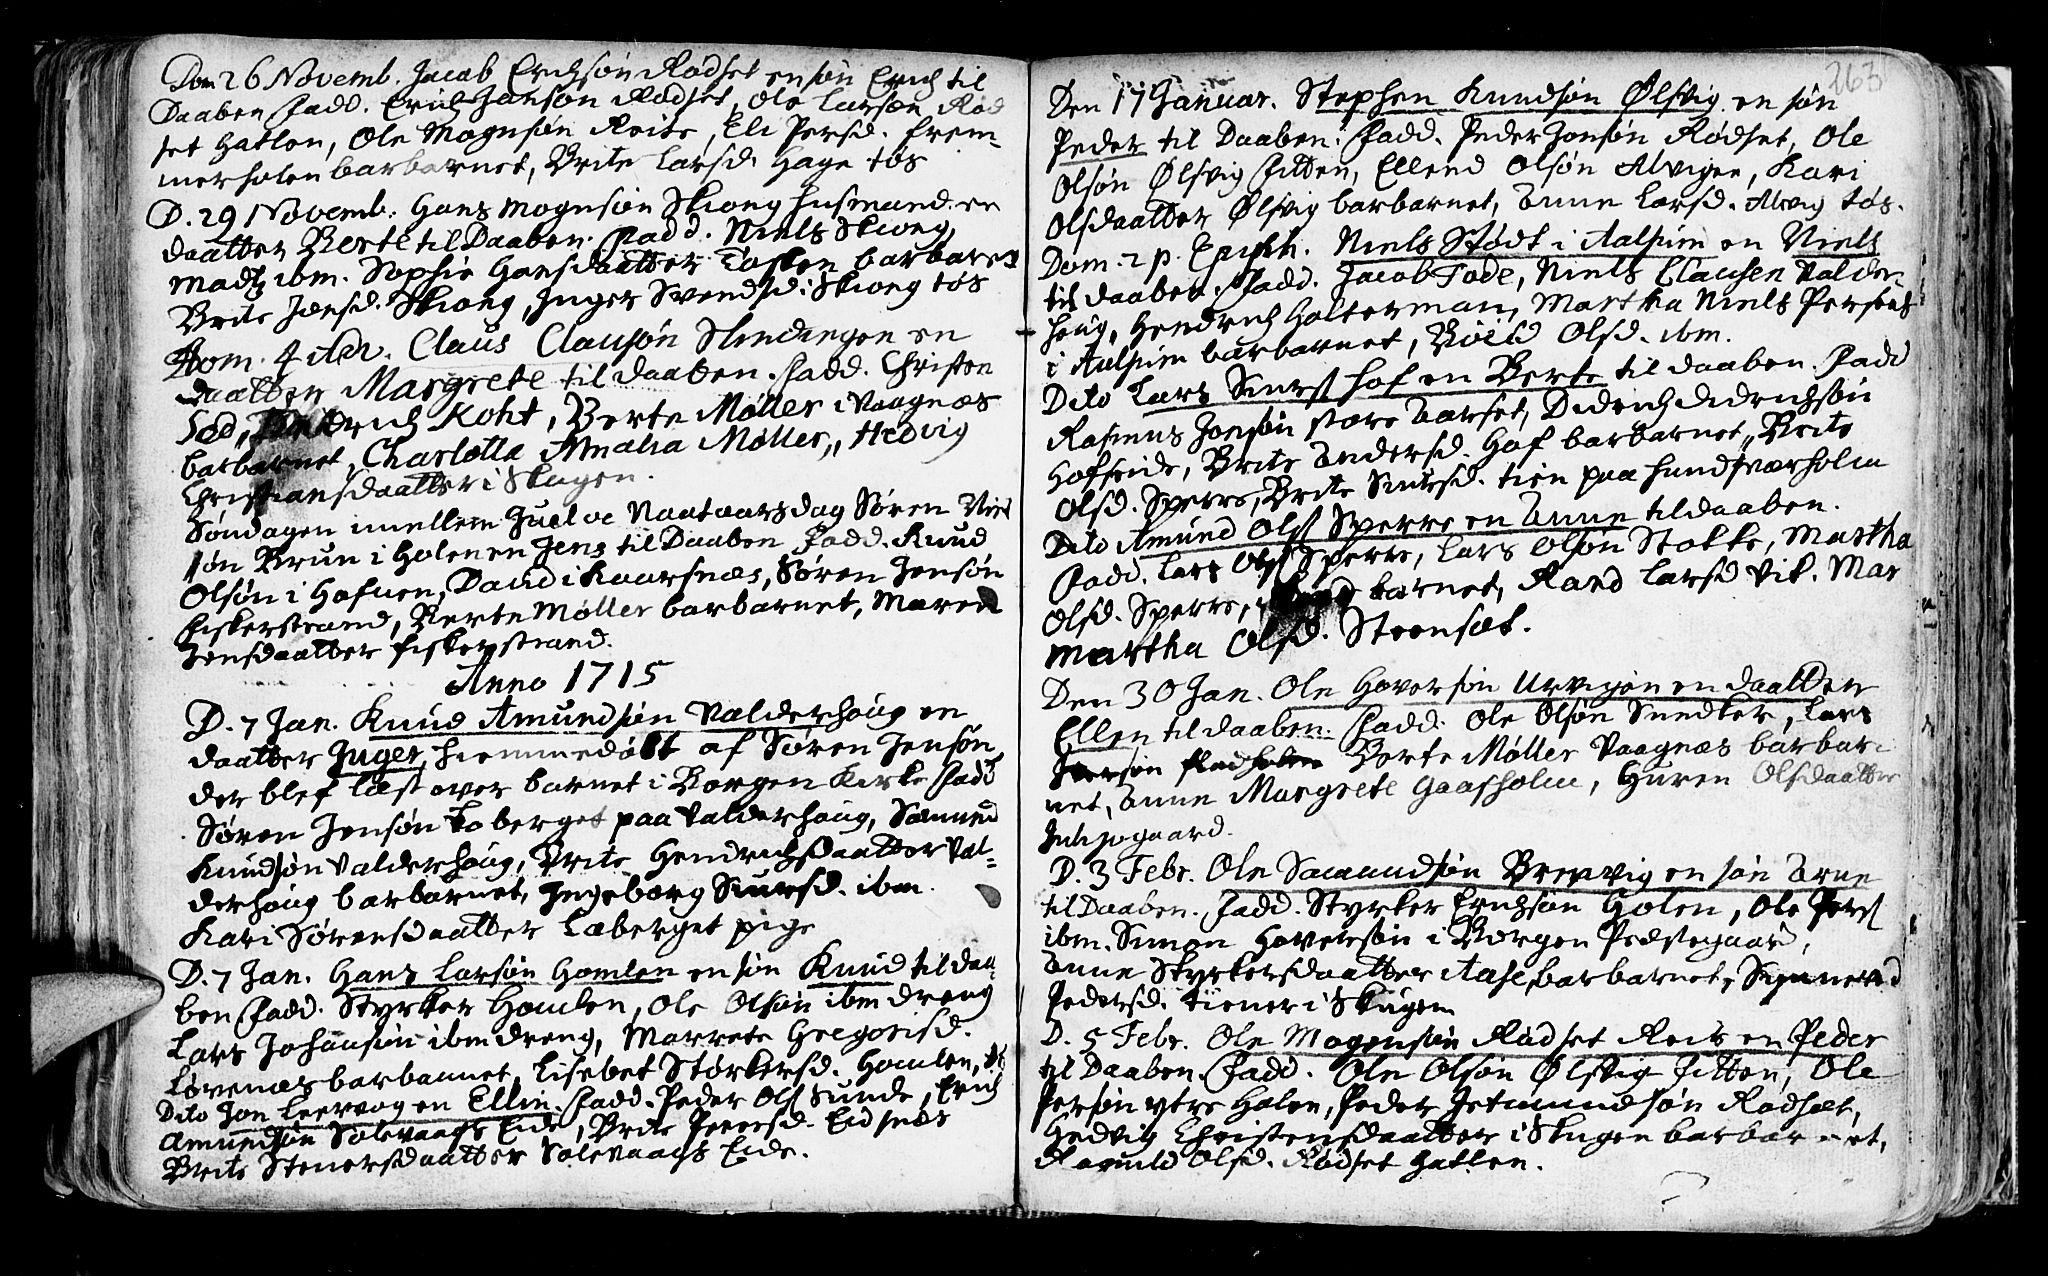 SAT, Ministerialprotokoller, klokkerbøker og fødselsregistre - Møre og Romsdal, 528/L0390: Ministerialbok nr. 528A01, 1698-1739, s. 262-263